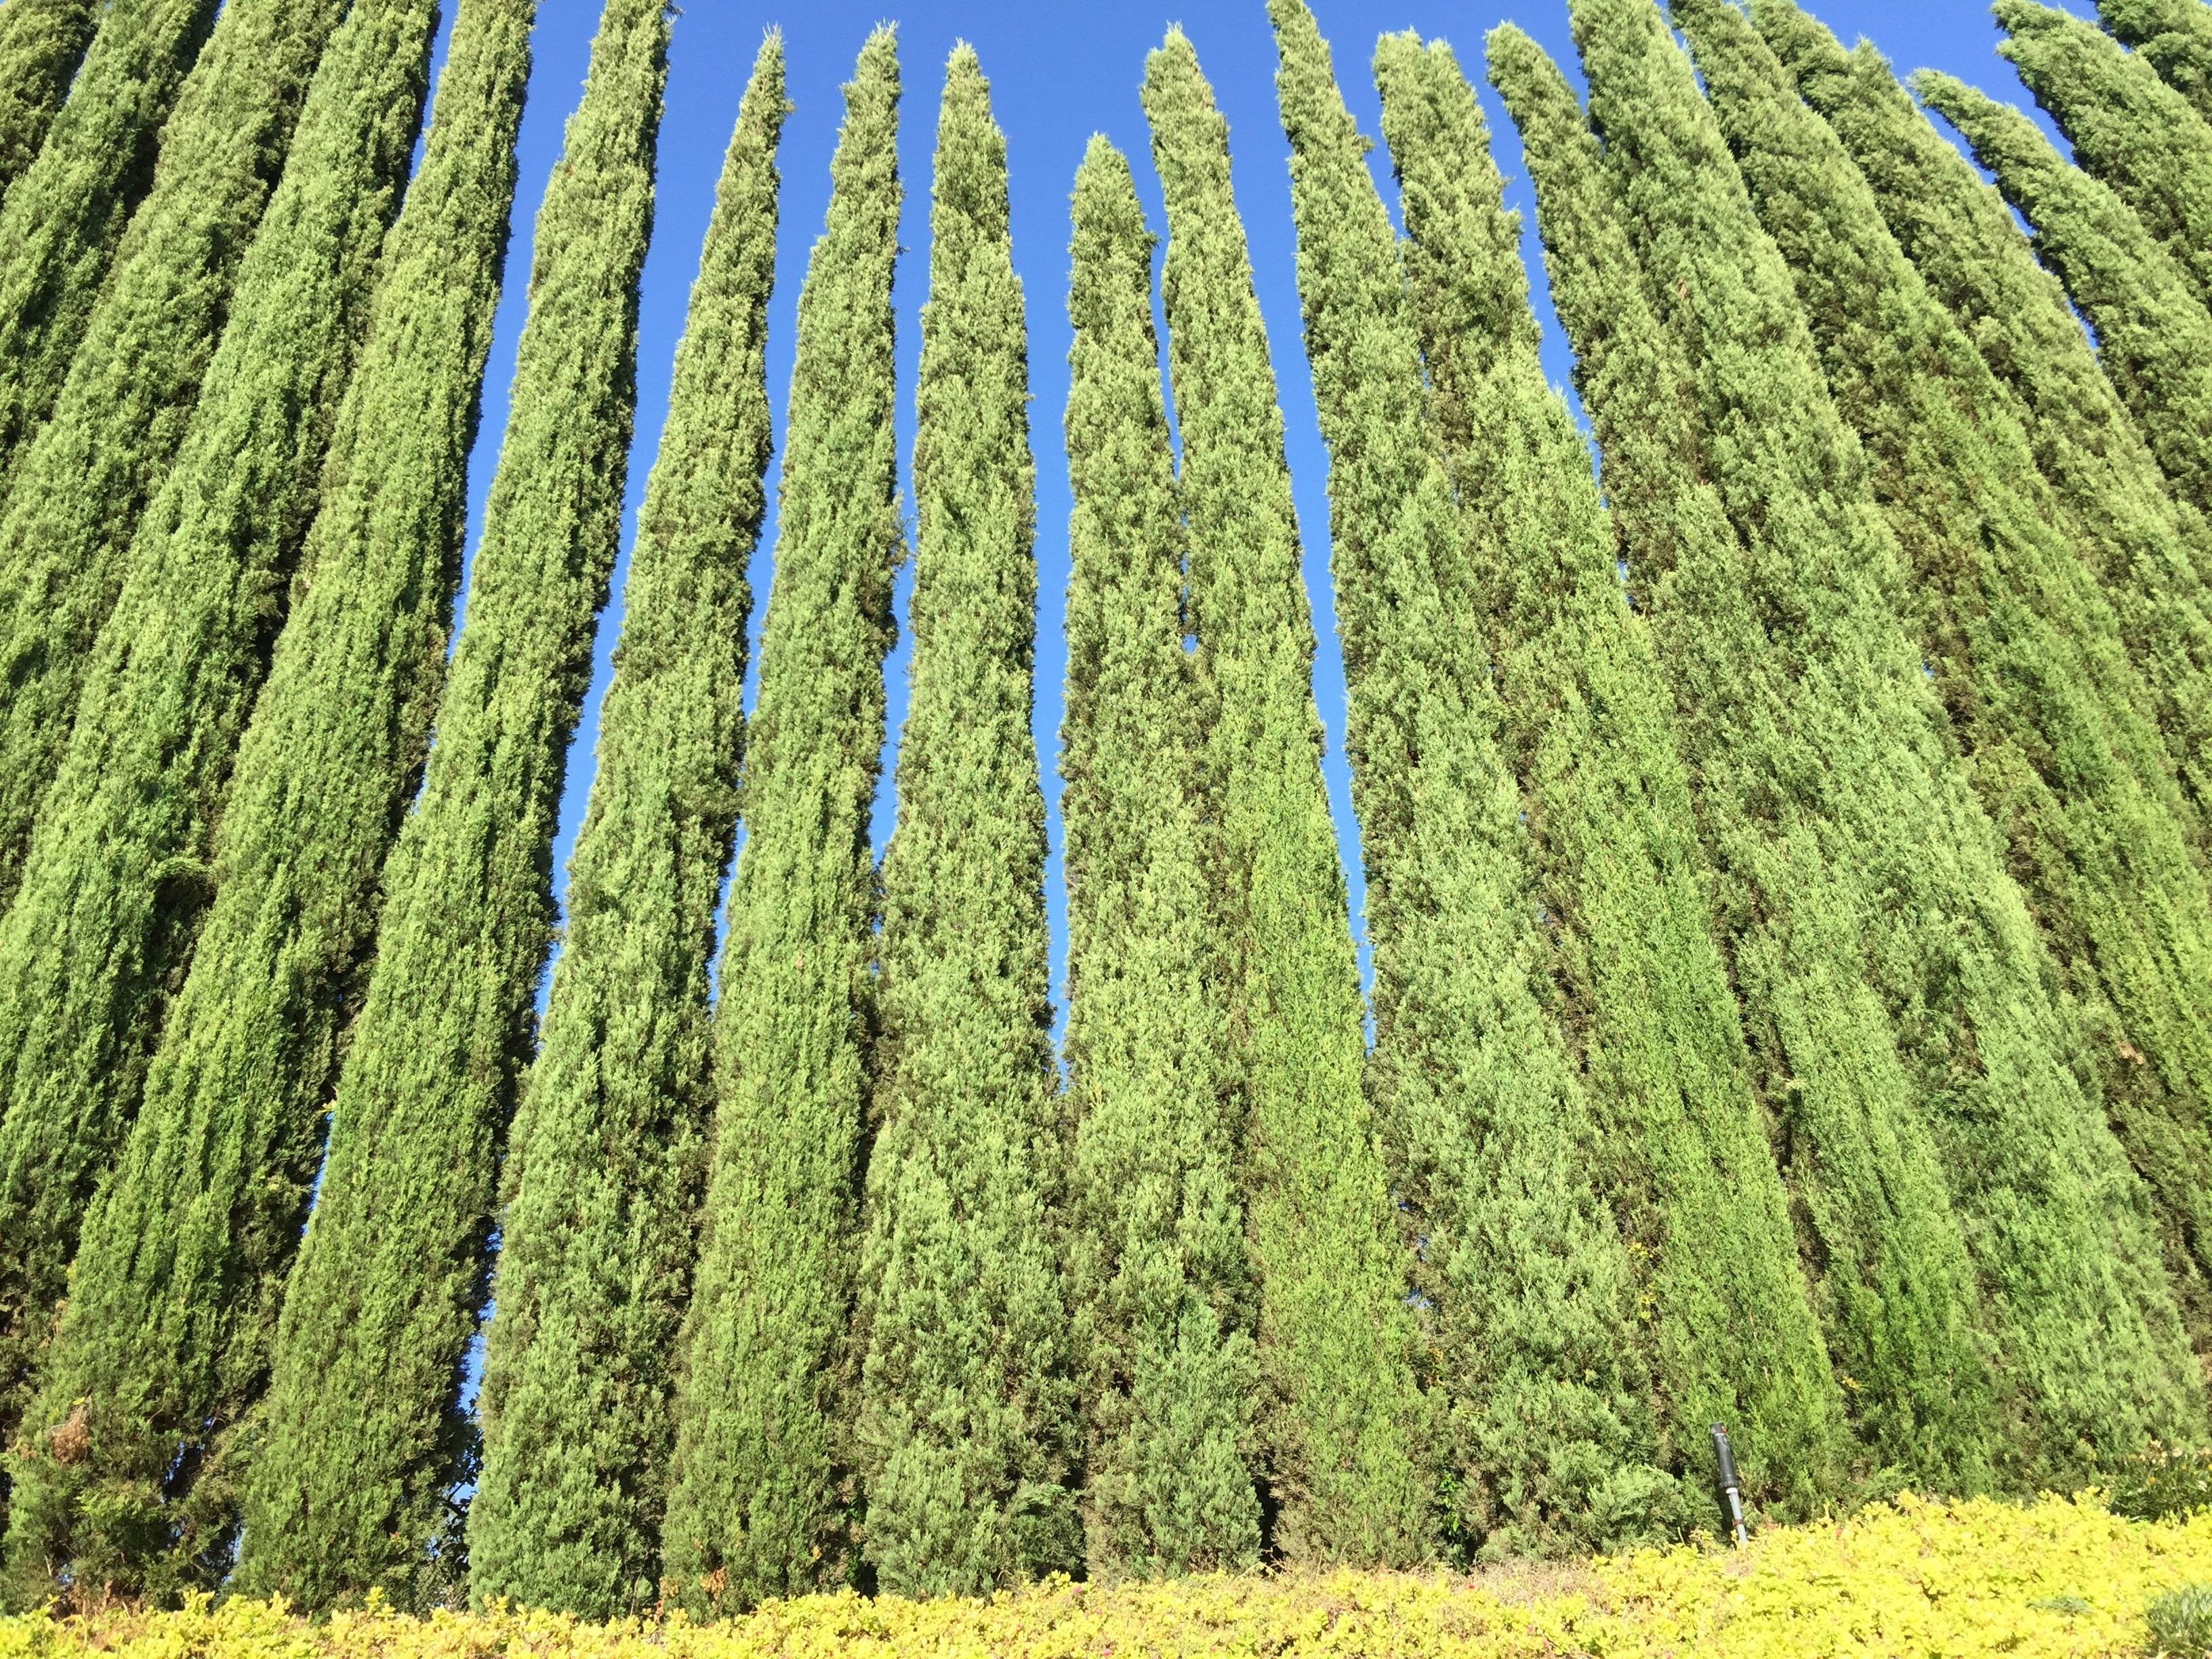 продукты фото вечнозеленые деревья деревьев ним